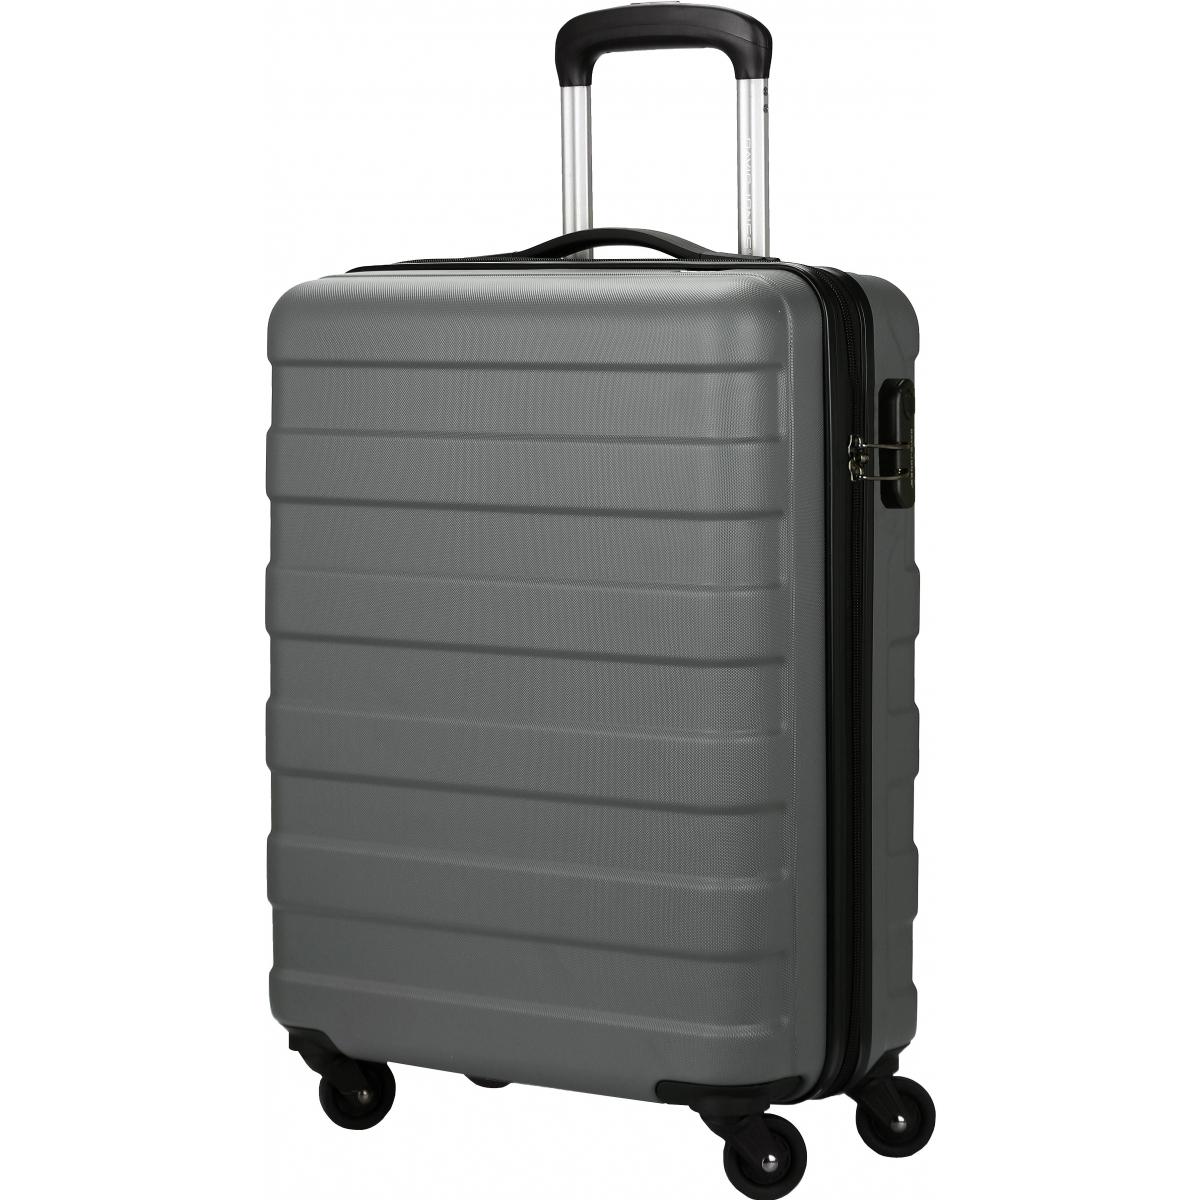 valise cabine little marcel. Black Bedroom Furniture Sets. Home Design Ideas